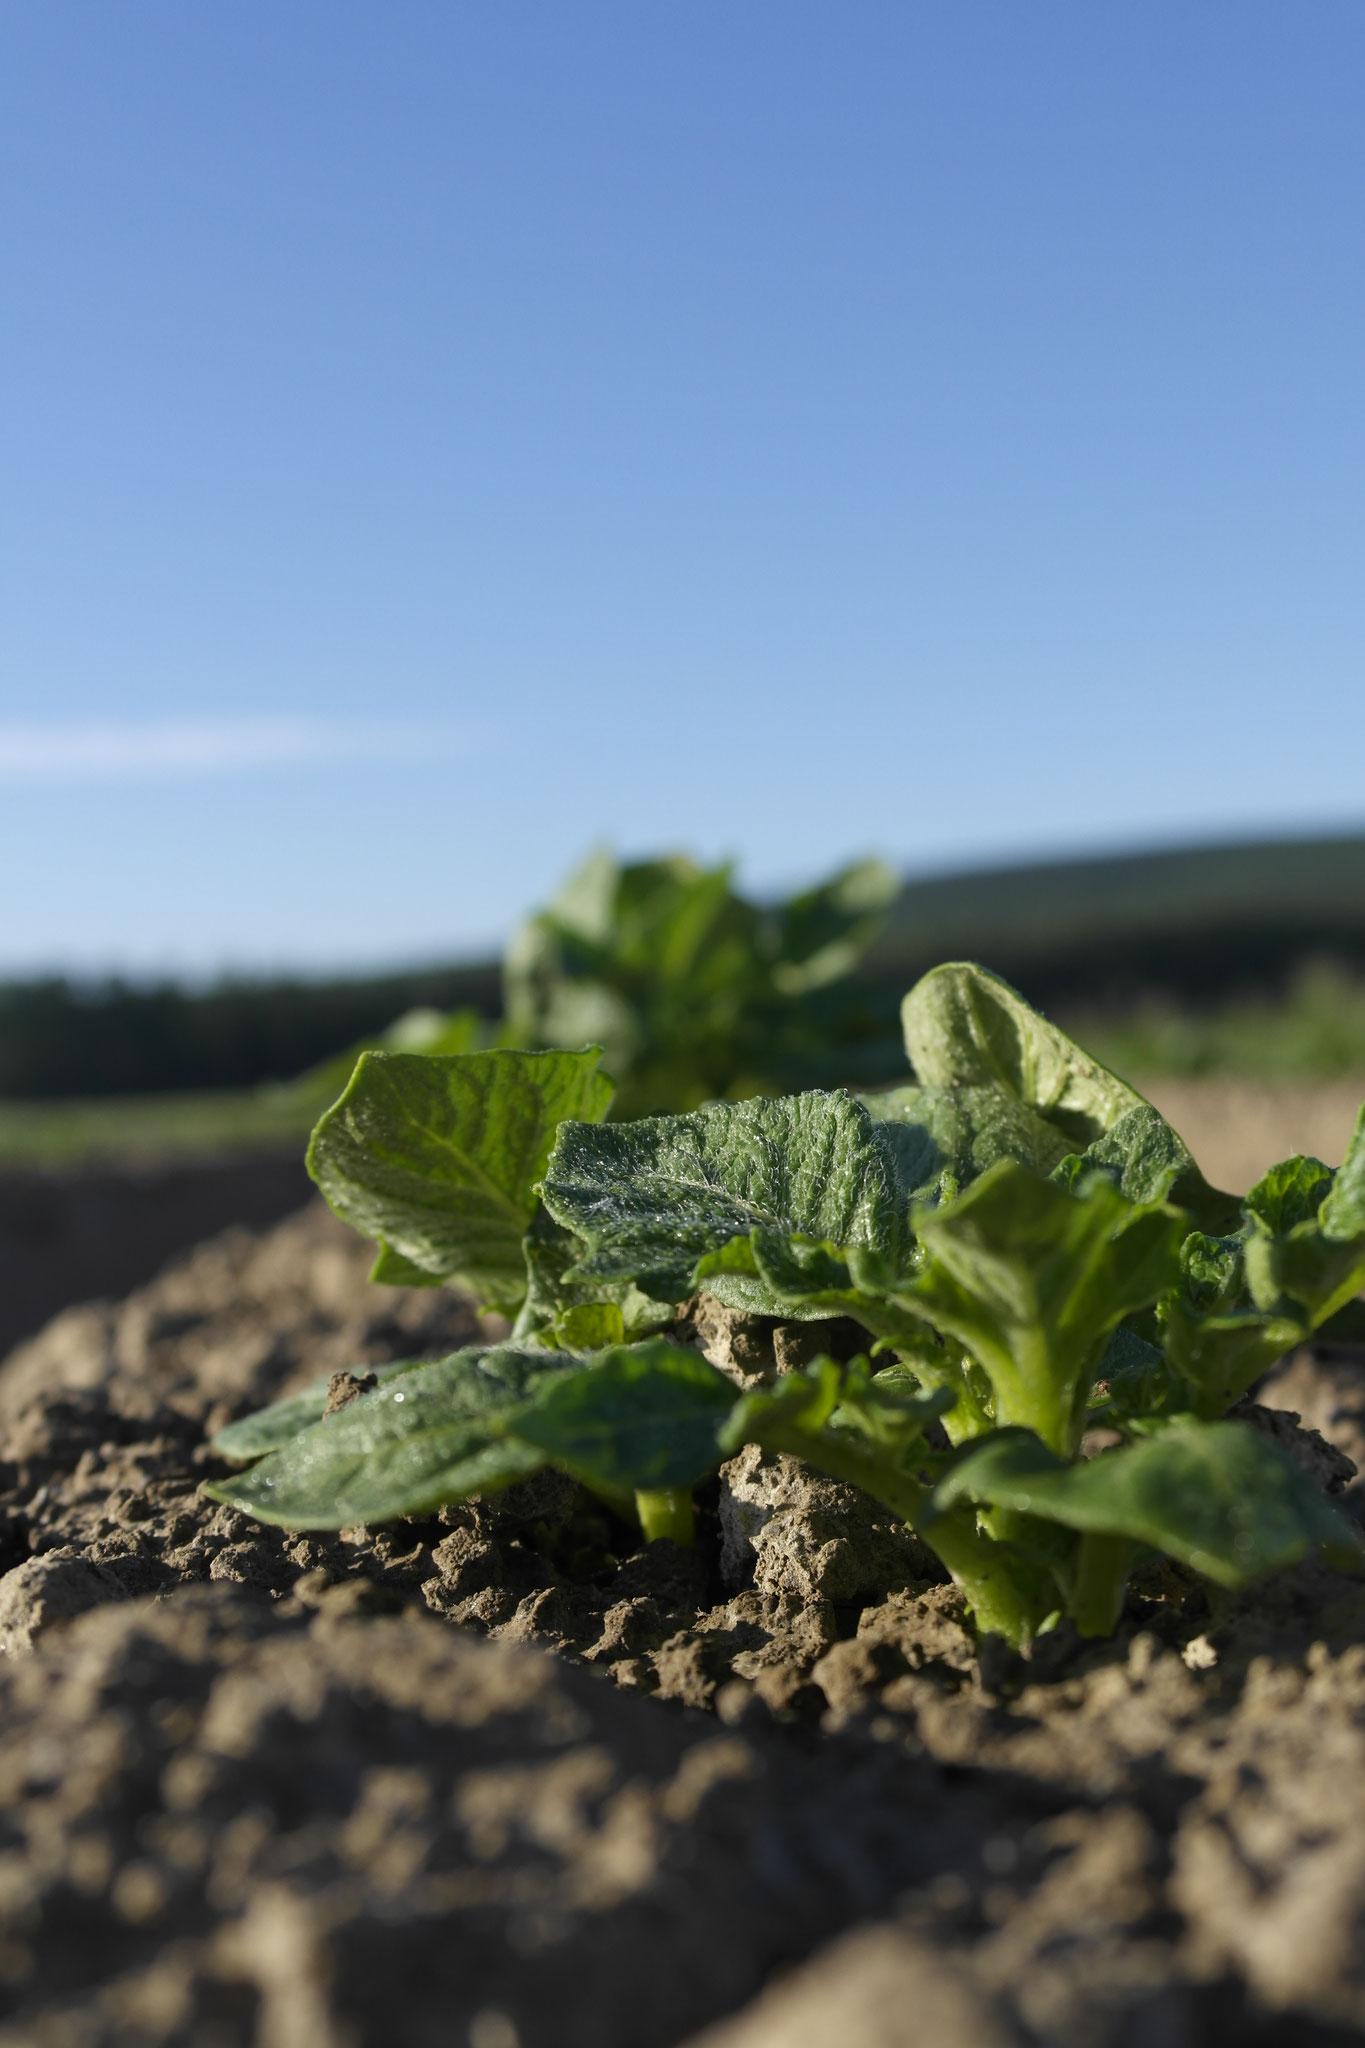 die neue Ernte regt sich, wächst und gedeiht: BELANA für KARToGGIO® ... gut Ding braucht Weile, Sonne und Regen